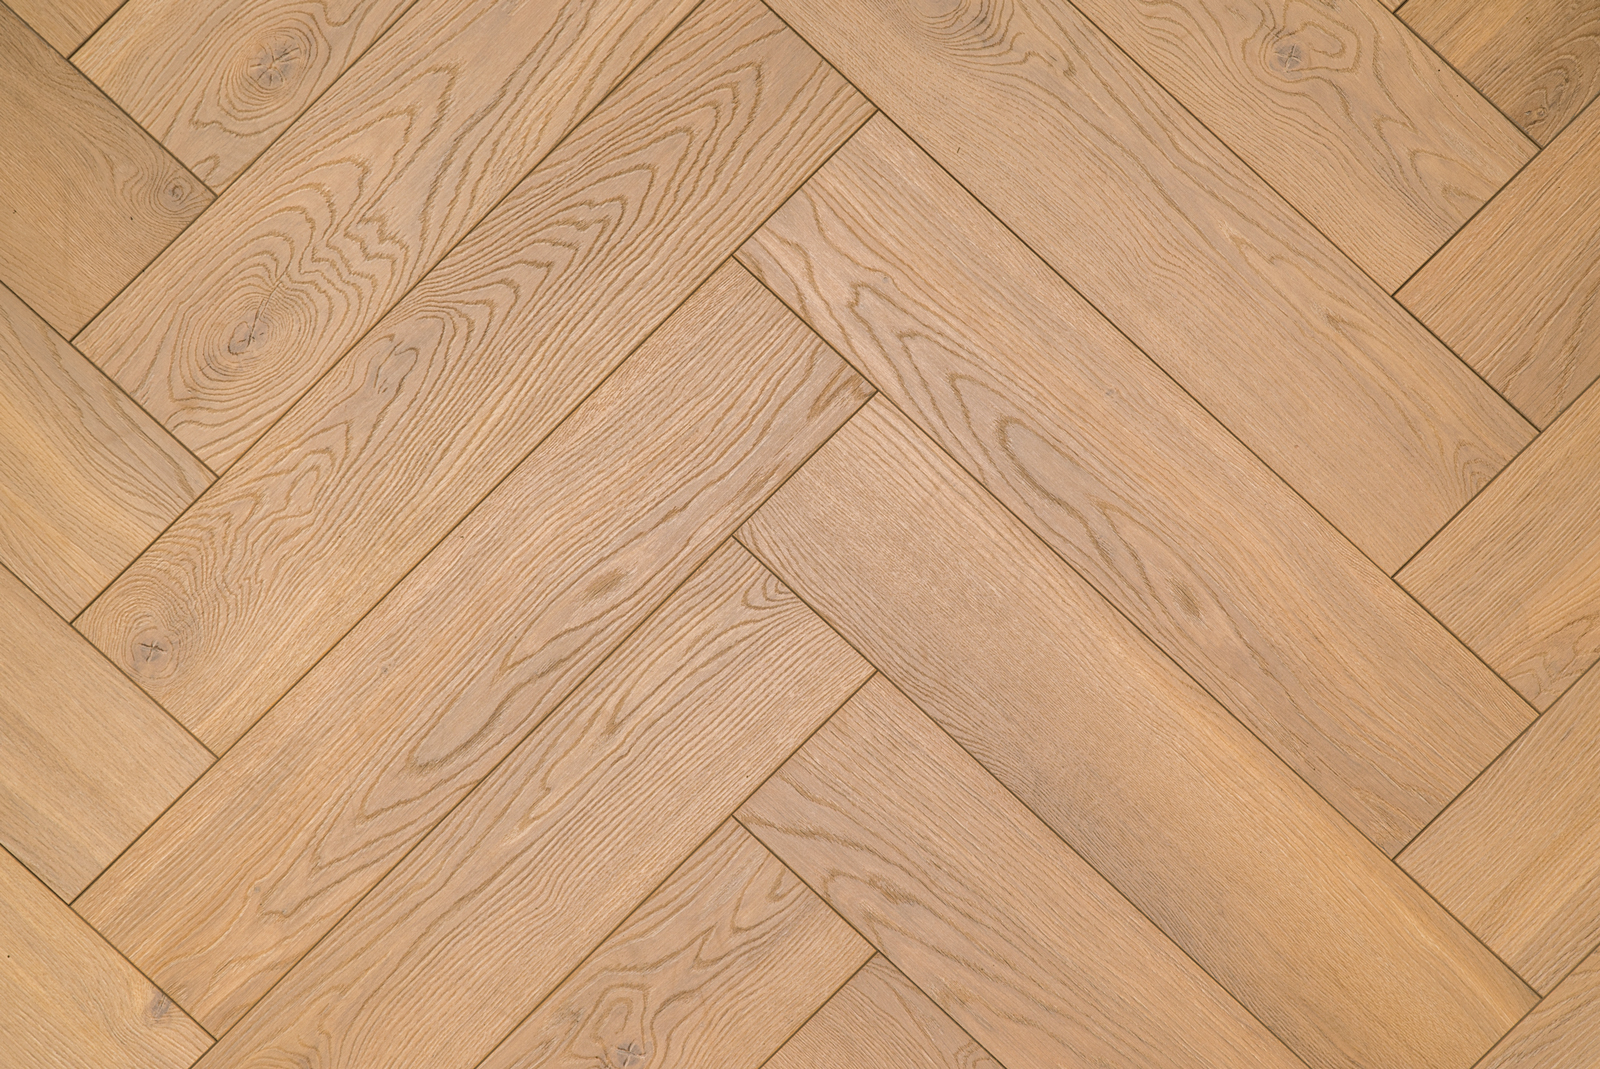 Floer visgraat laminaat vloeren natuur eiken patroon vloer